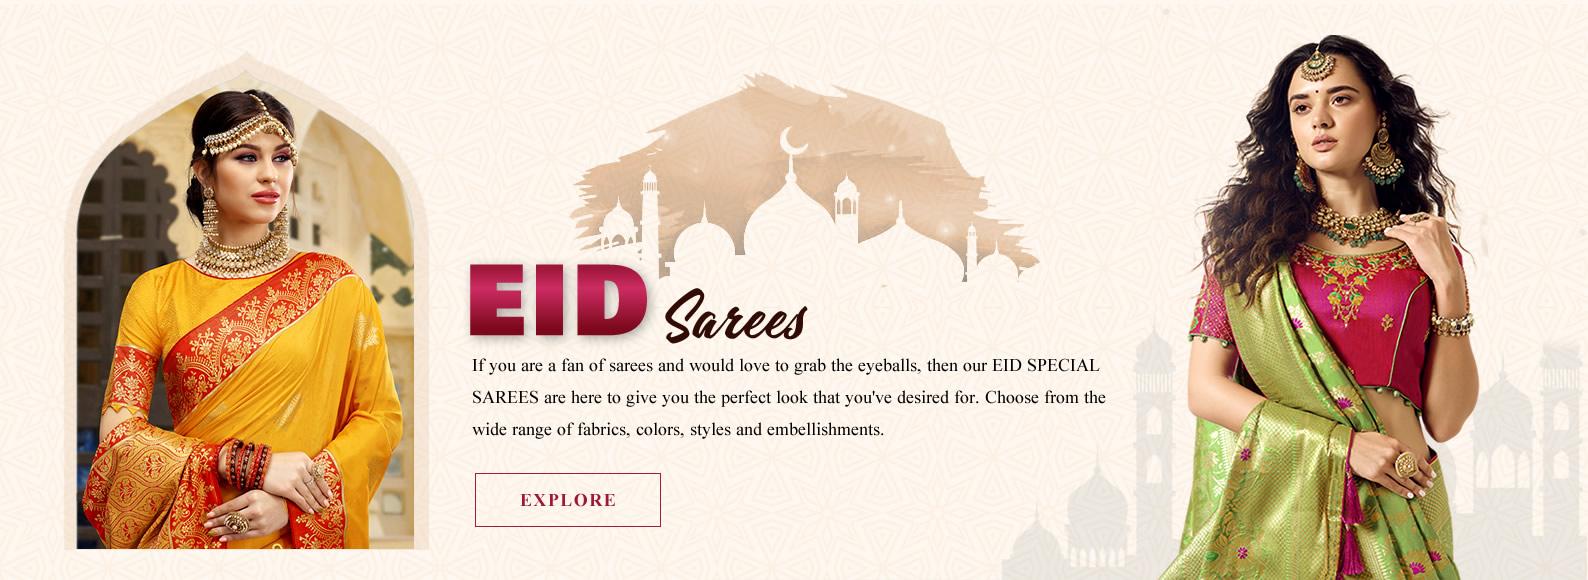 Eid Collection 2018 UK | Shop Eid Dresses Online | Eid Clothes for Sale